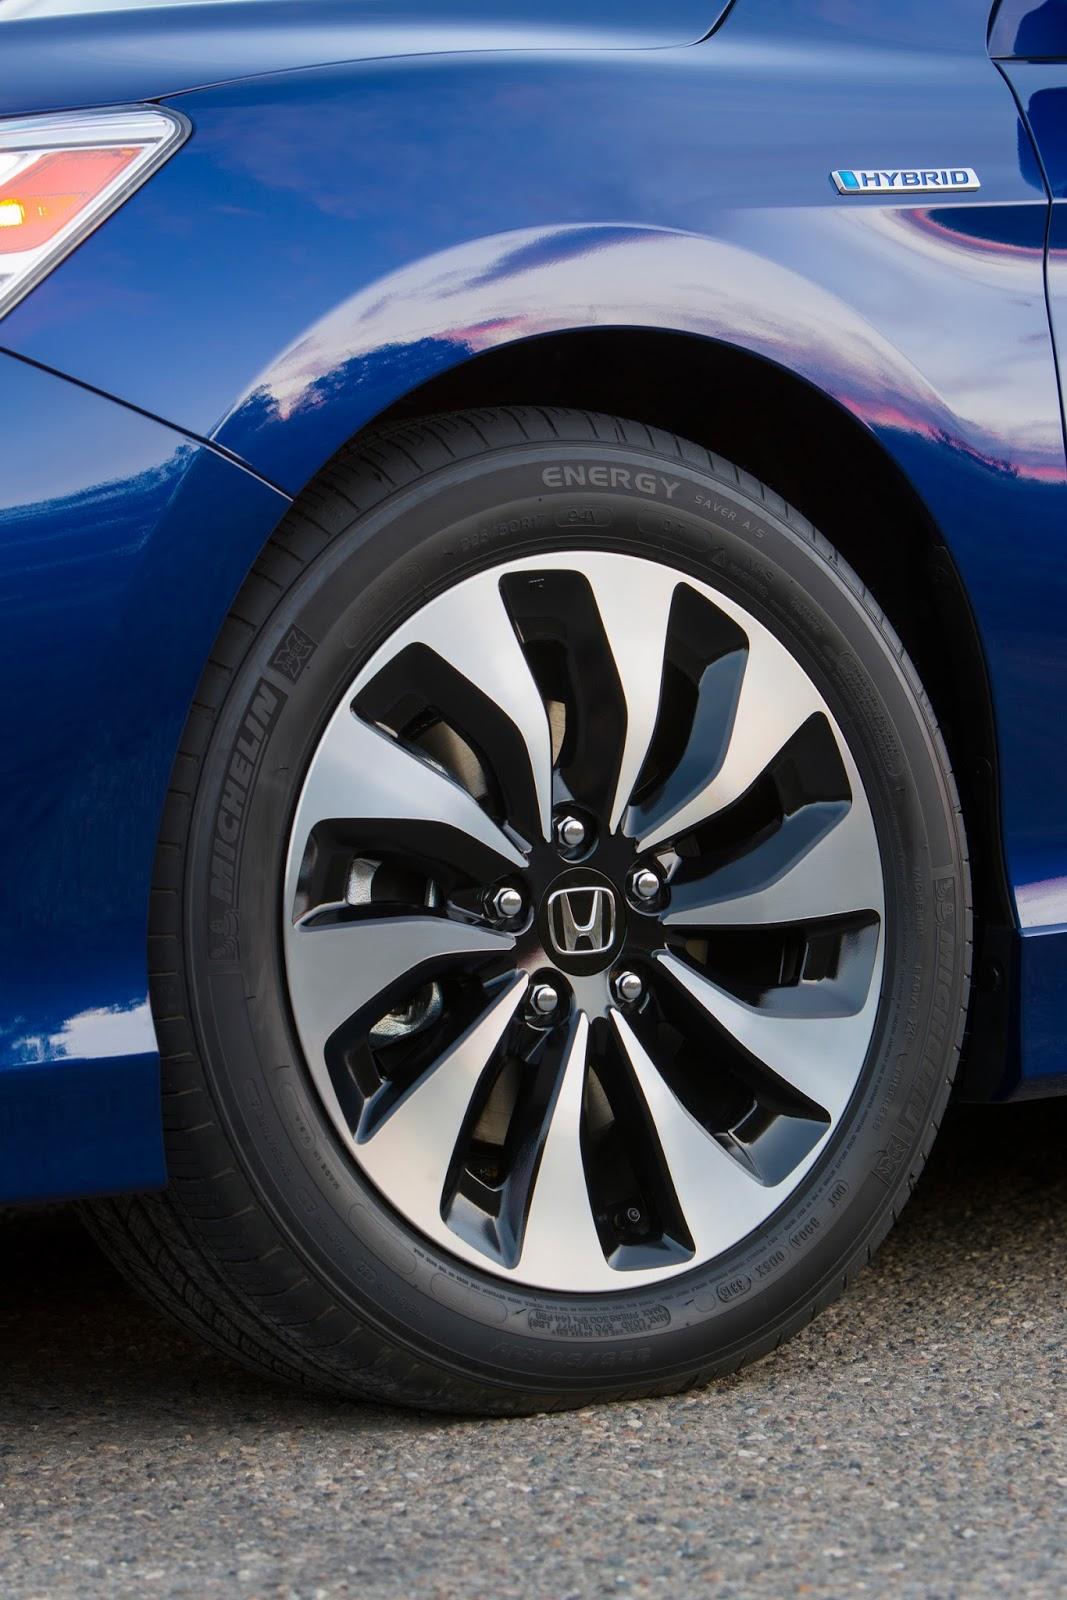 Bên ngoài Honda Accord Hybrid 2017 có những trang bị như nắp capô bằng nhôm đặc biệt và bộ vành hợp kim độc đáo.